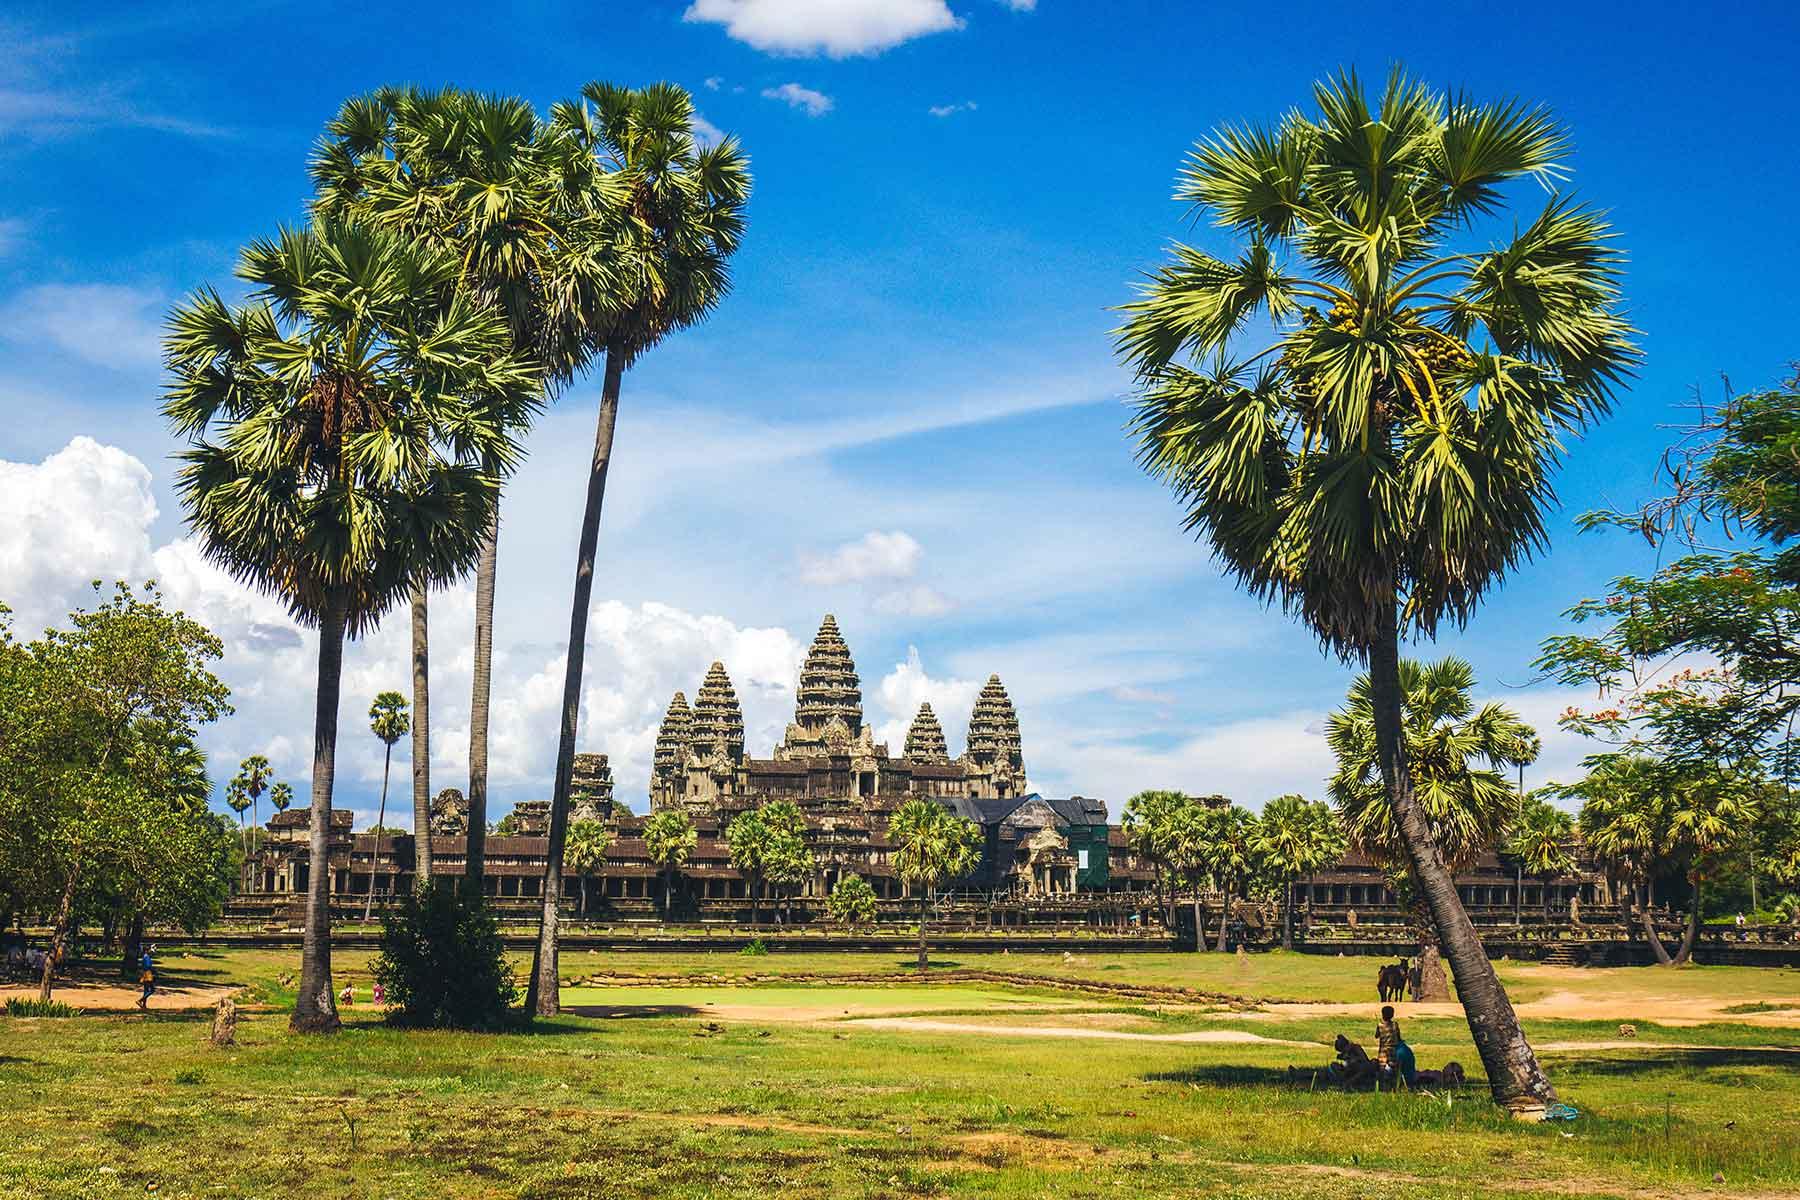 Rundresa-i-Kambodja-med-Angkor-Wat---Nygren-&-Lind-resebyrå---tämpel